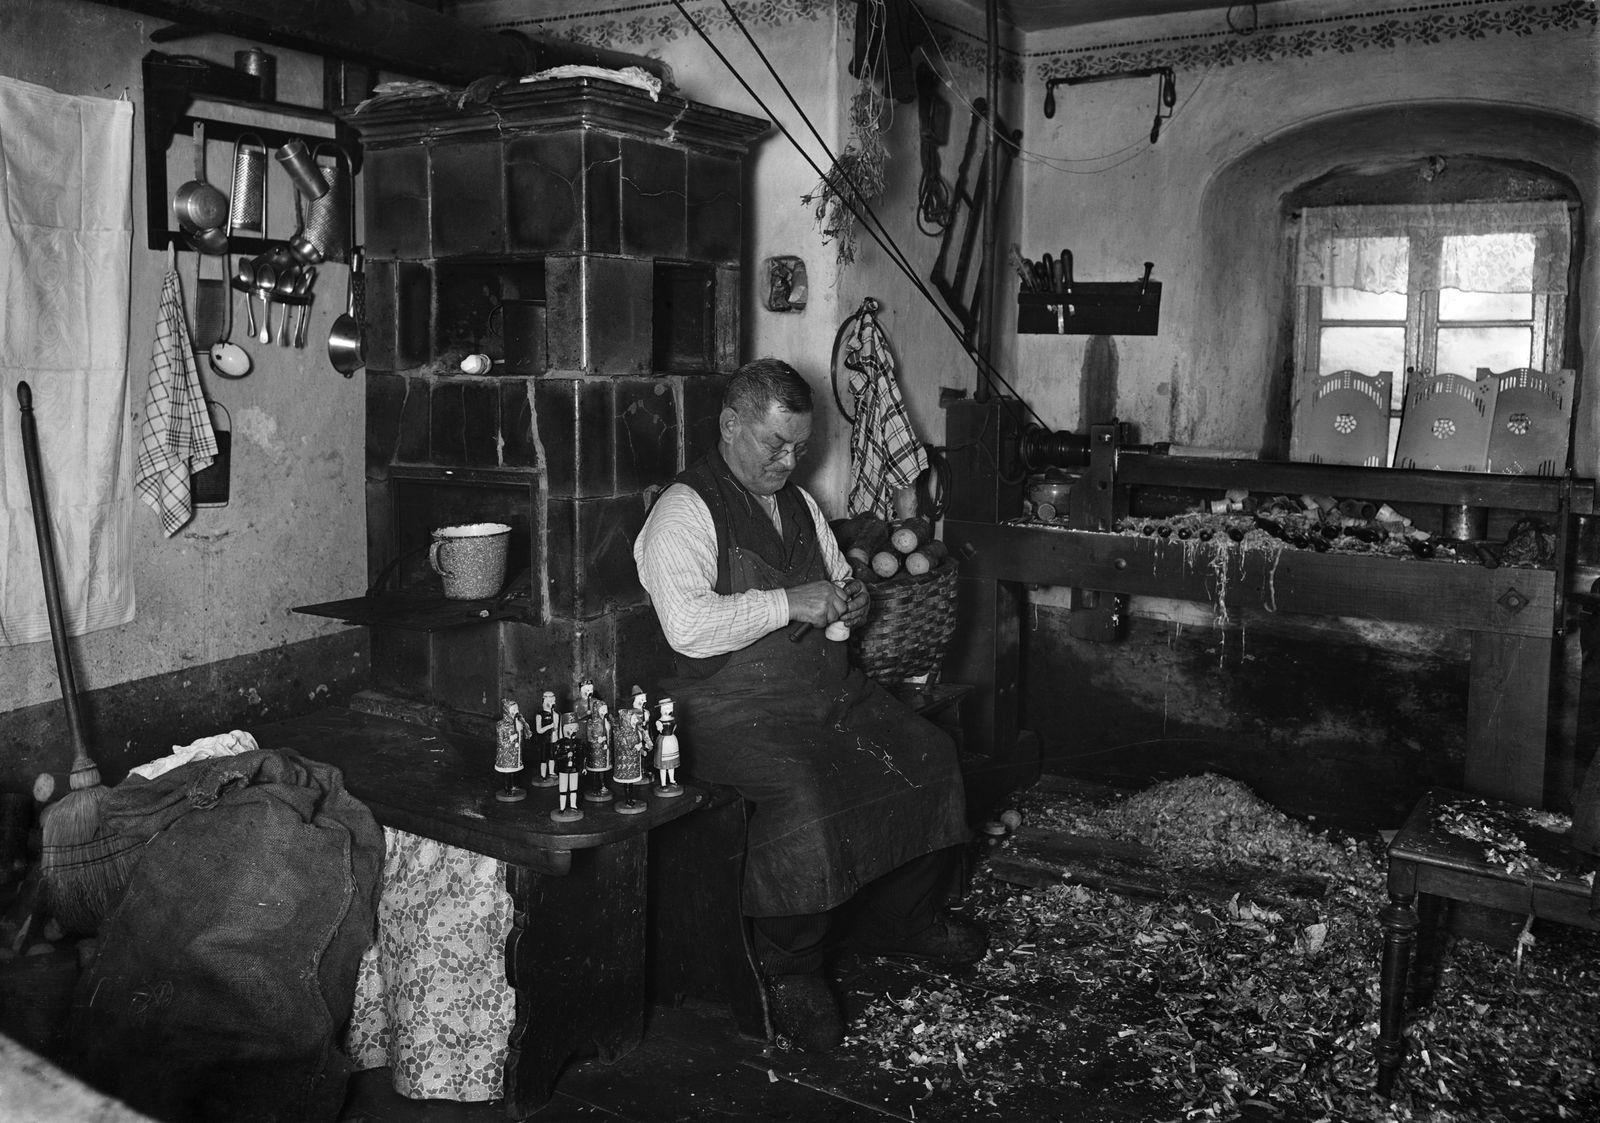 """""""Räuchermännchen sind seine Spezialität"""" (1924). (c) bpk / Kunstbibliothek, SMB, Photothek Willy Römer / Willy Römer"""